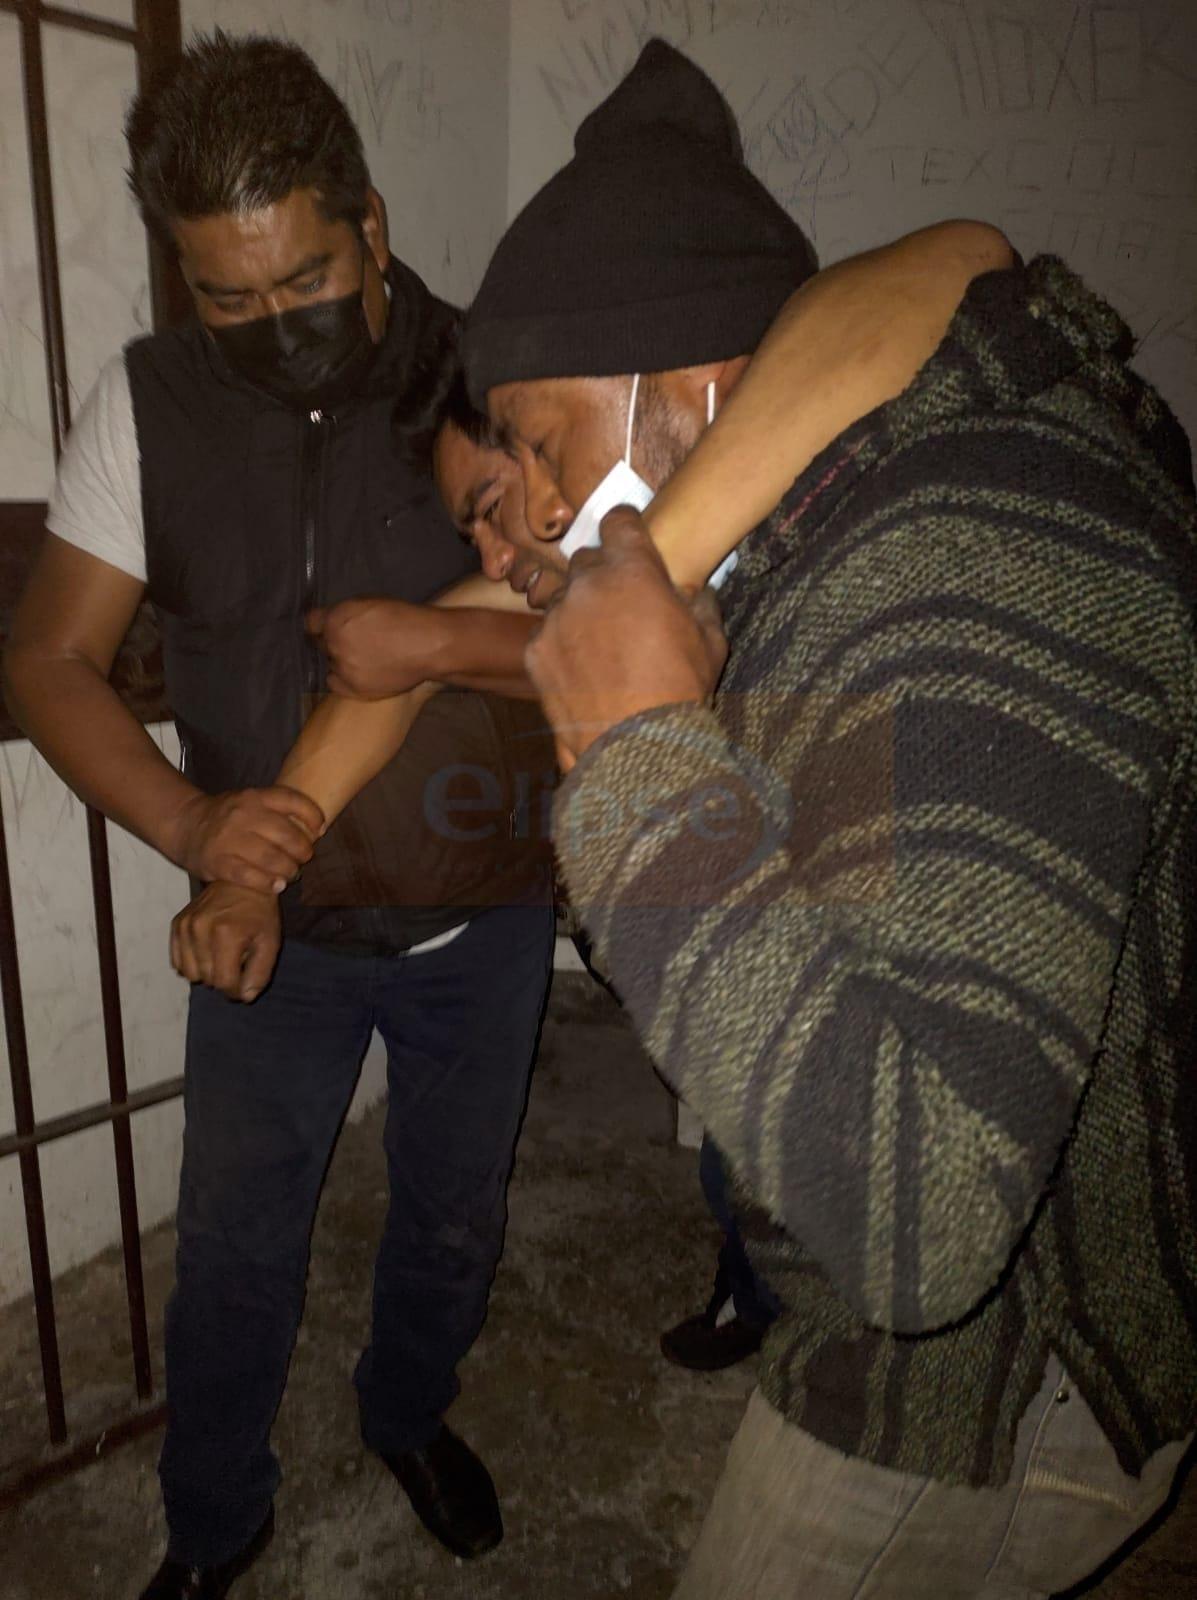 Acusan a la policía municipal de Zacatelco de tortura, lesiones y privación ilegal de la libertad.